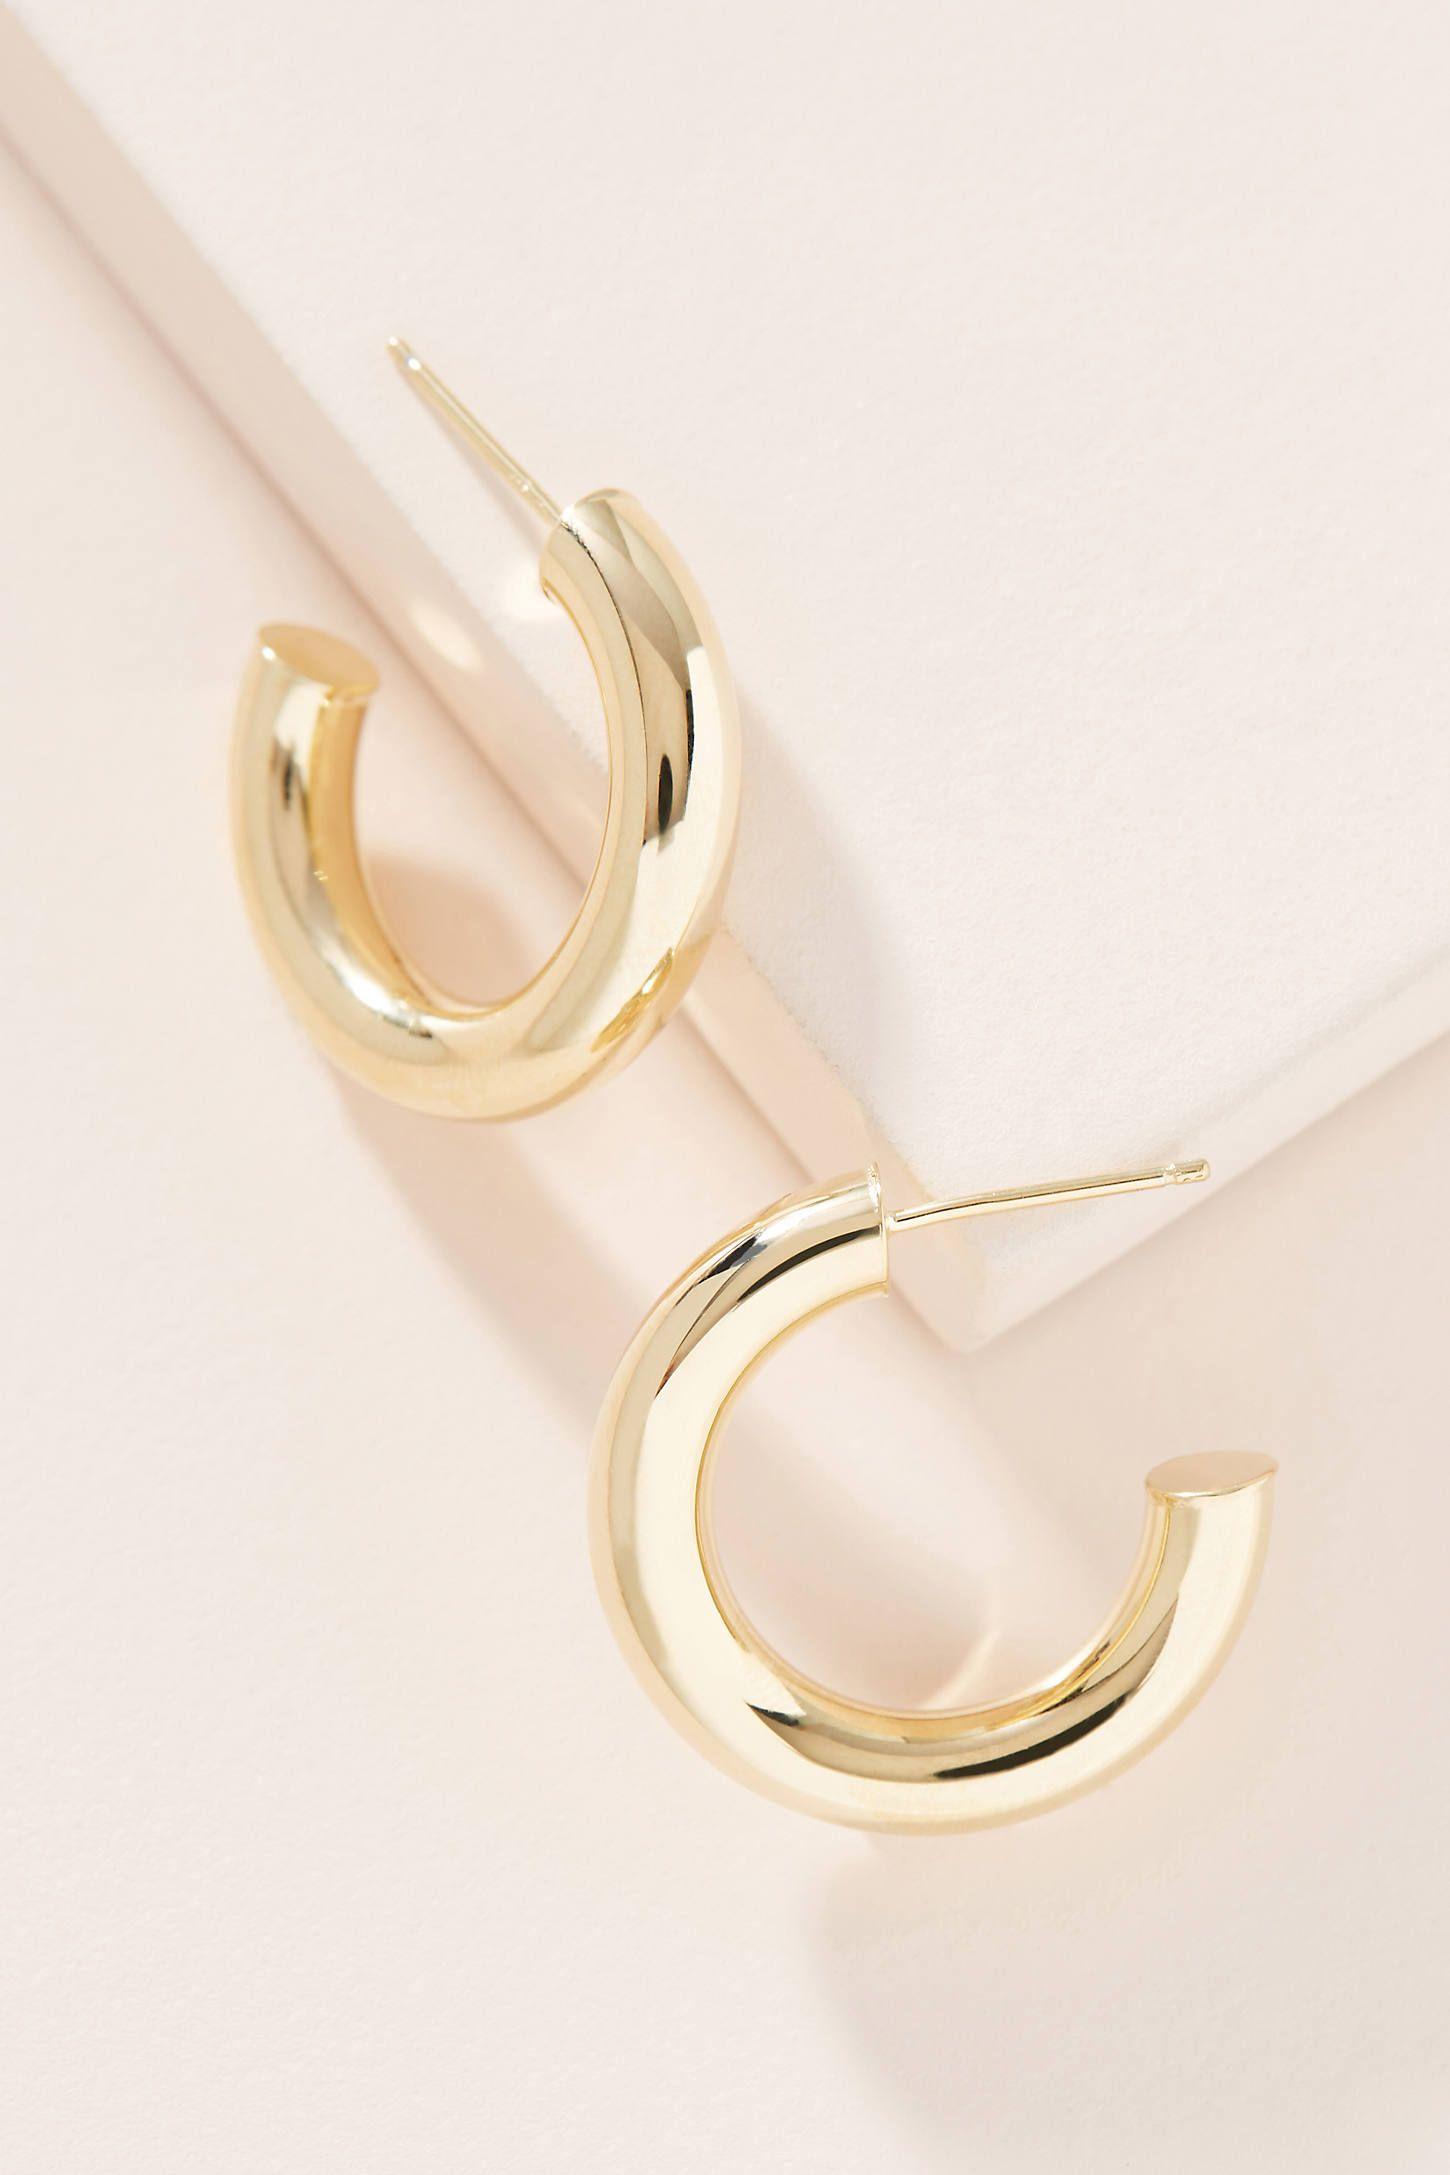 TOPSHOP Open Hoop and Stud Earrings in